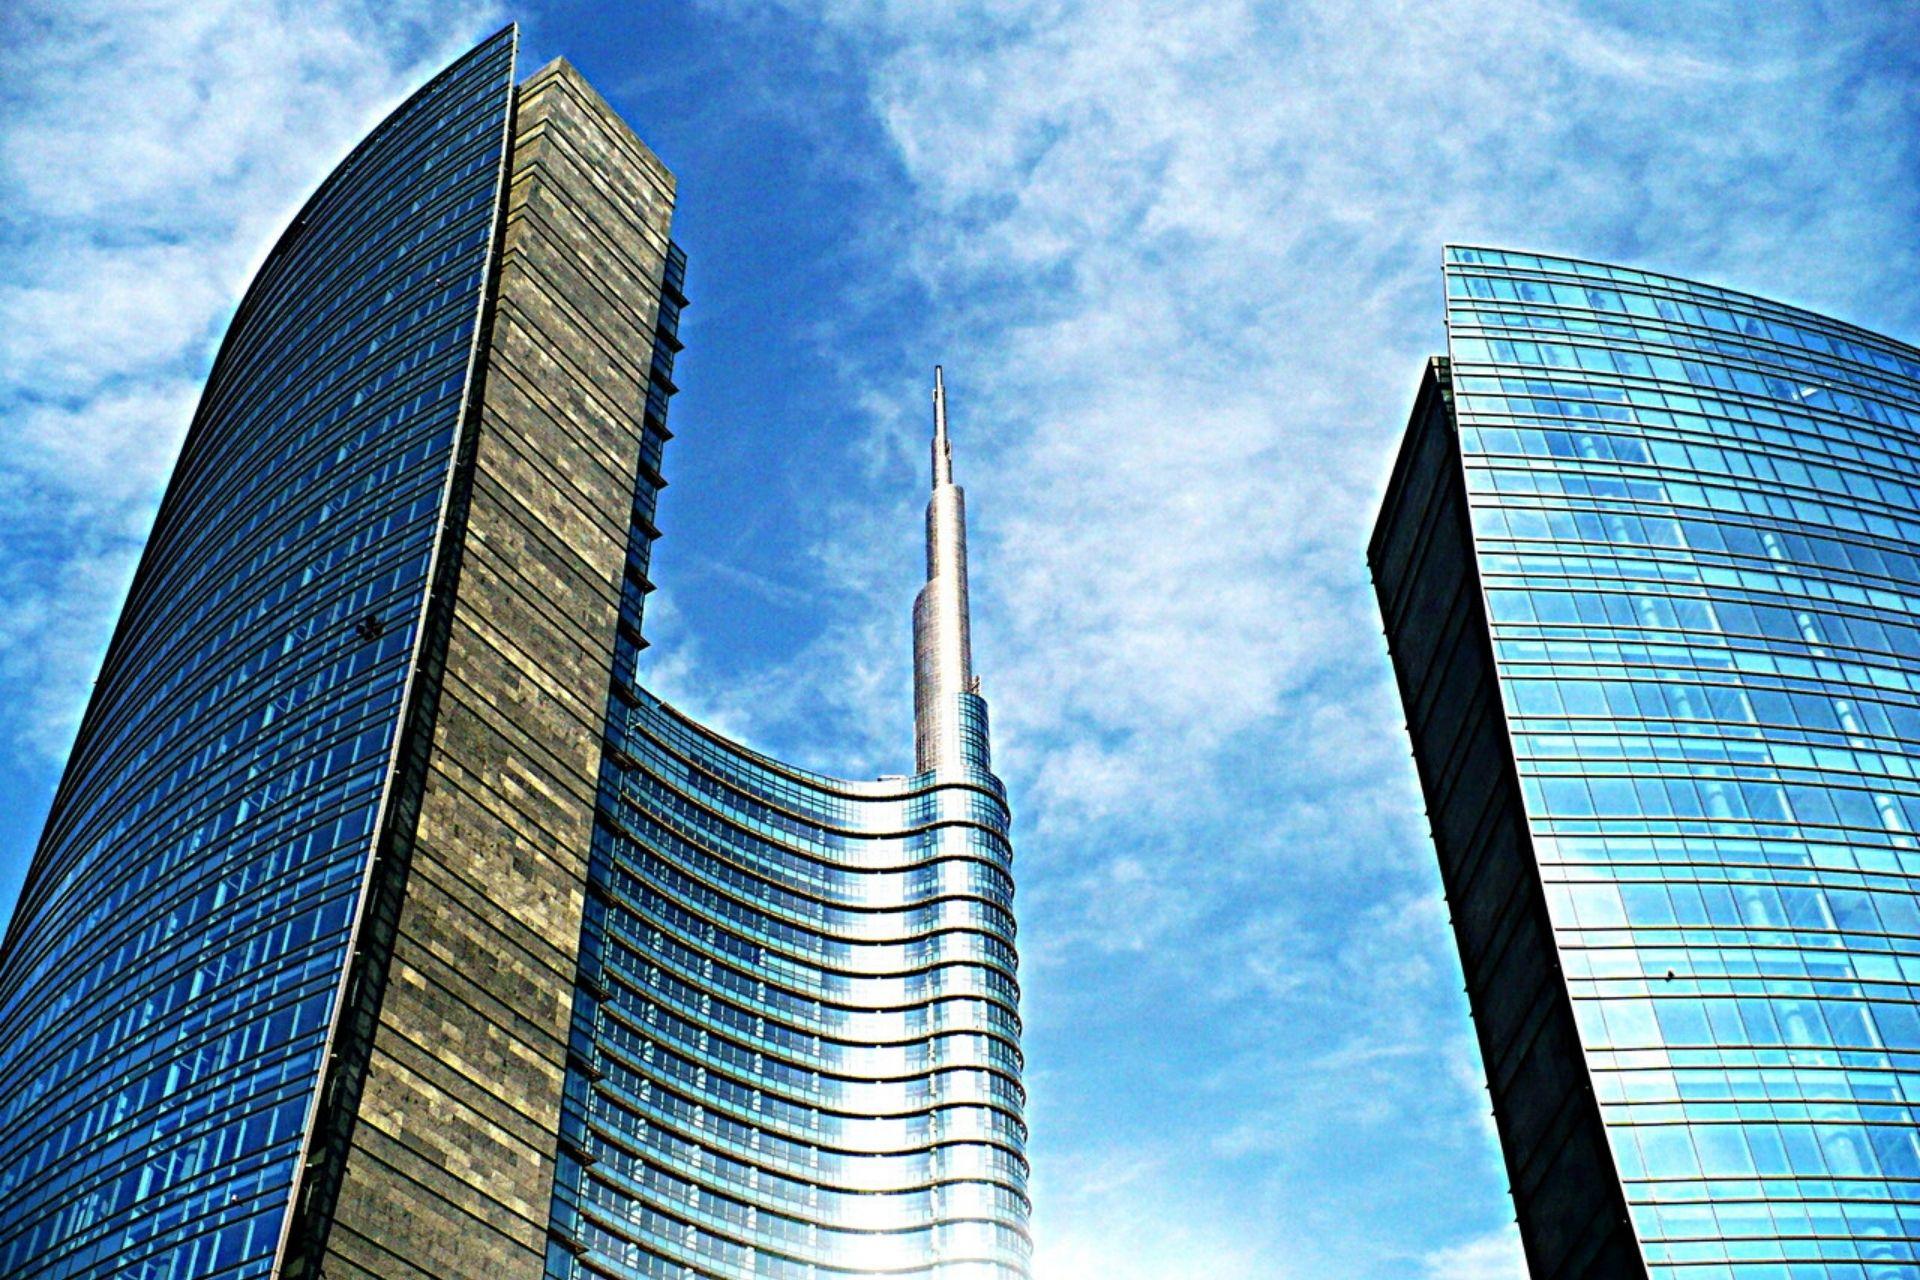 Grattacieli di Milano